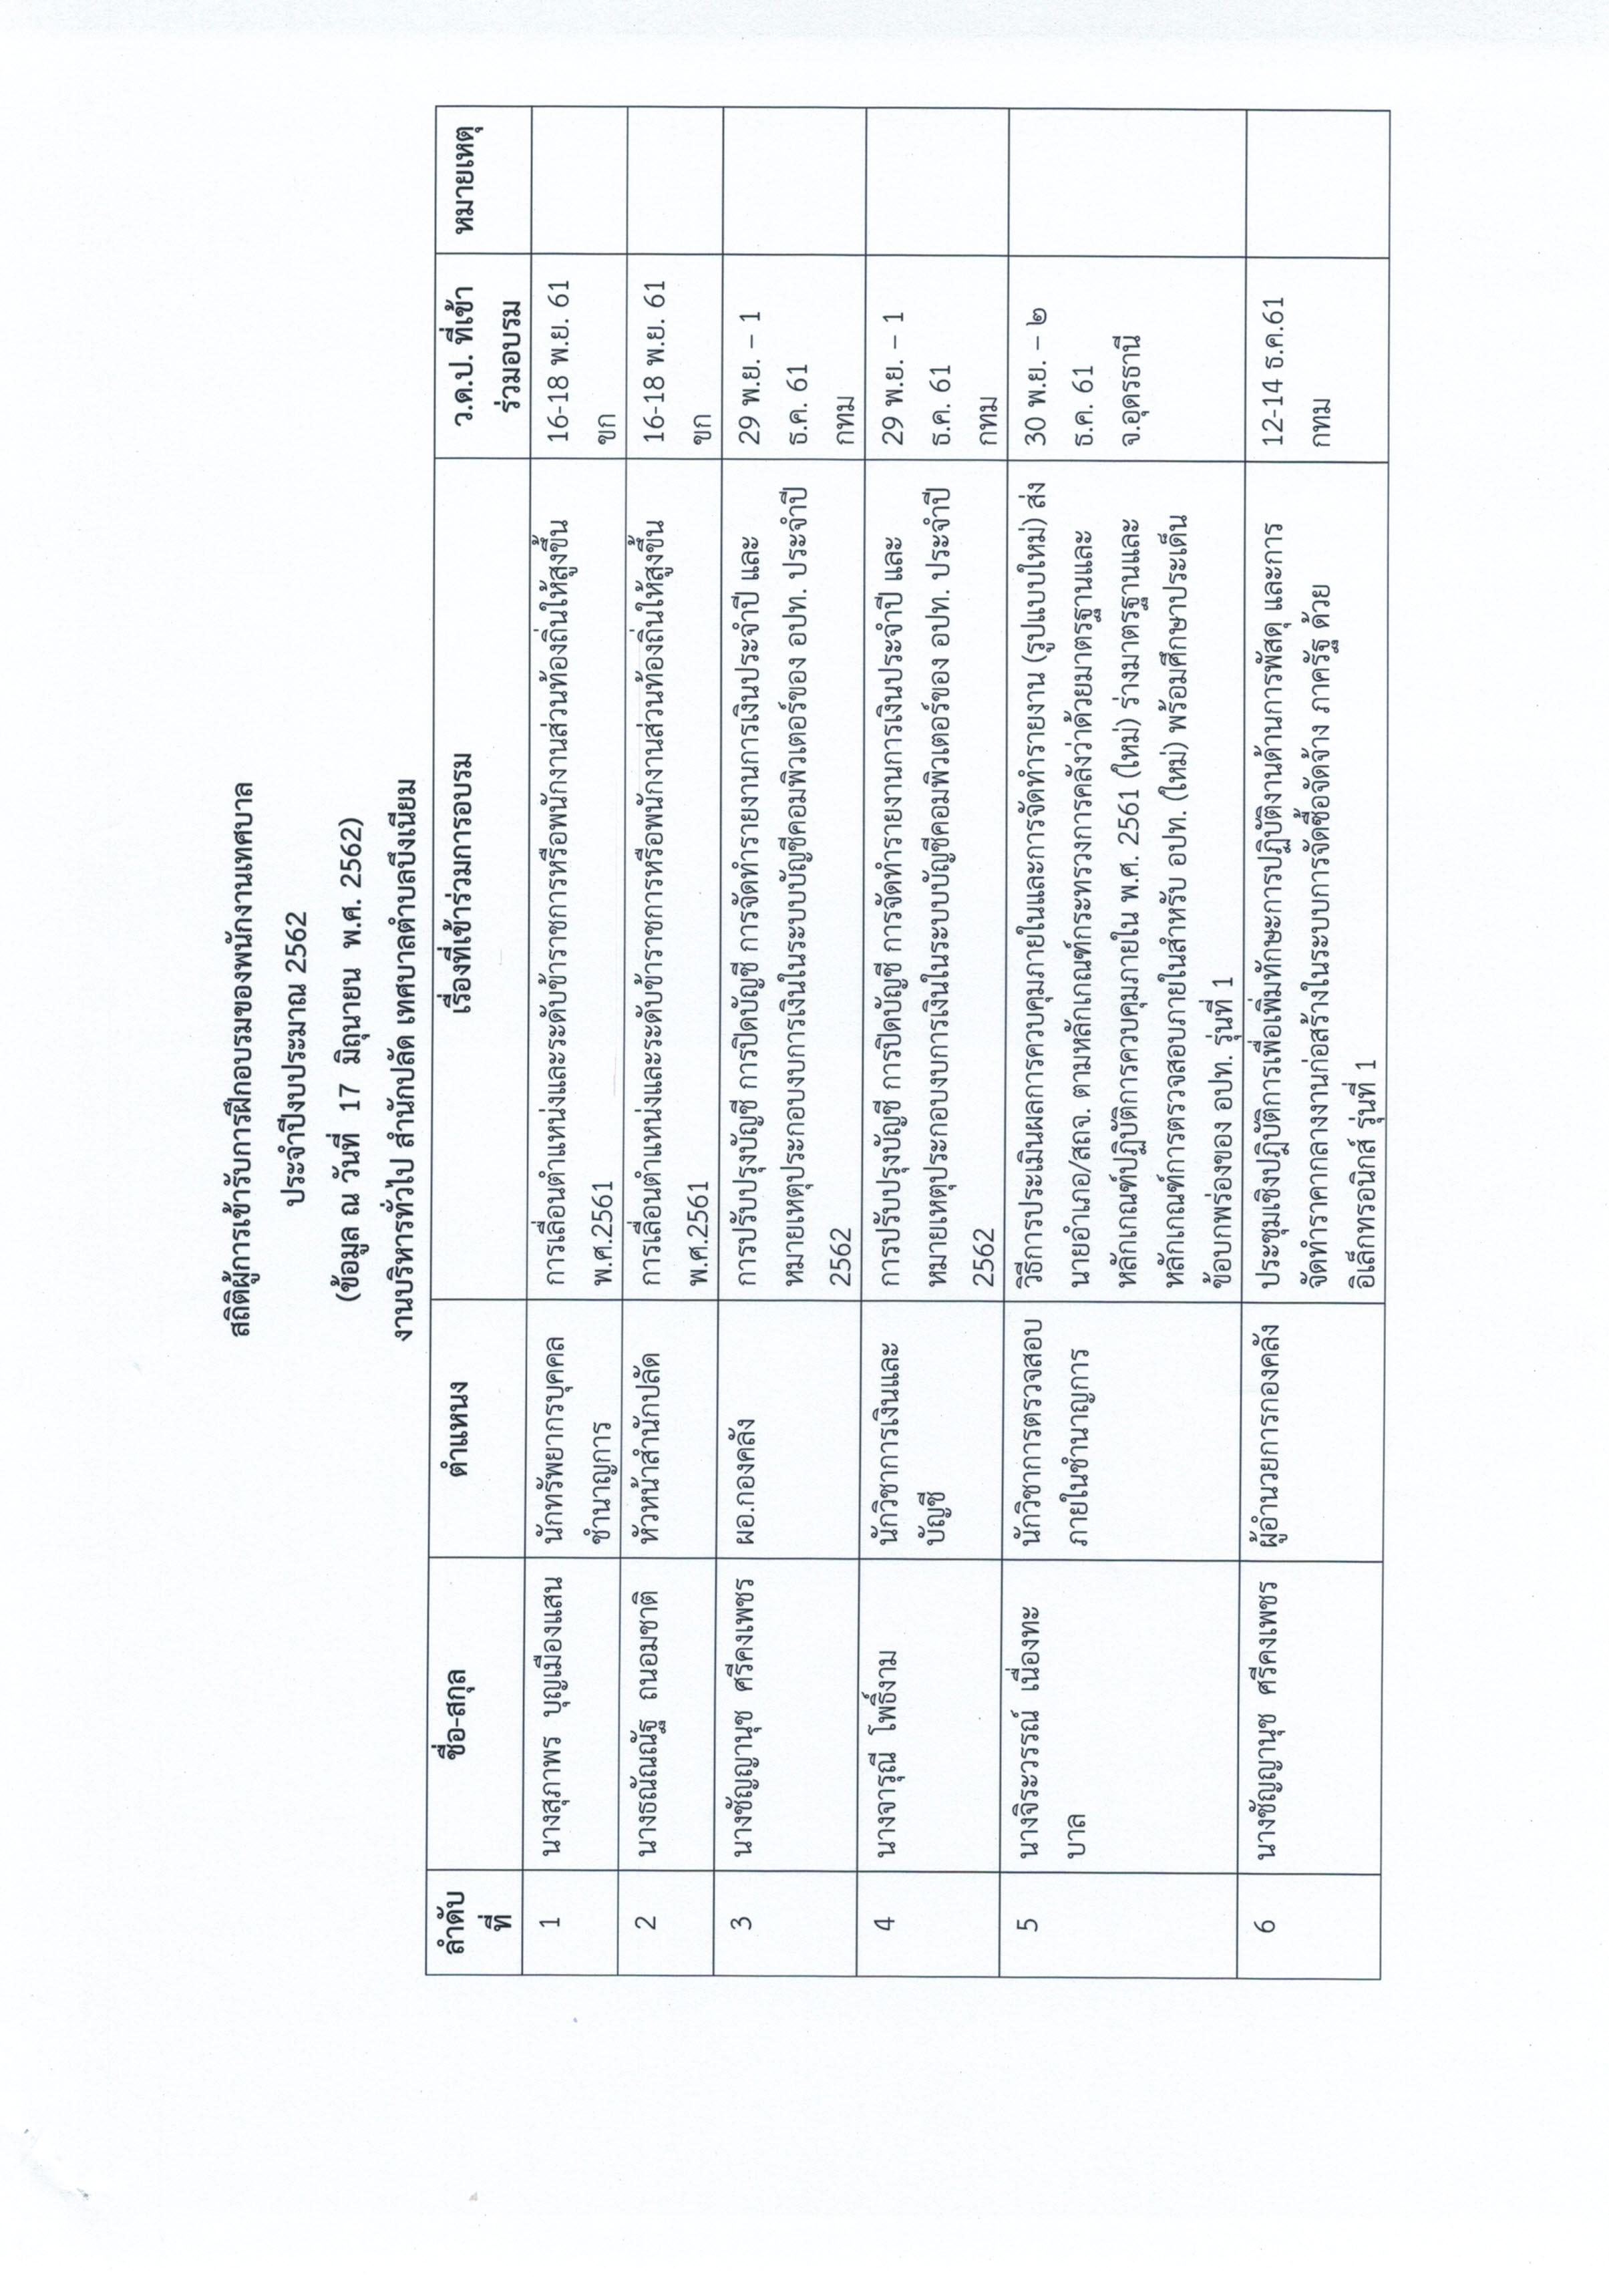 รายงานการบบริหารและพัฒนาทรัพยากรบุคคลประจำปี30062563_0002